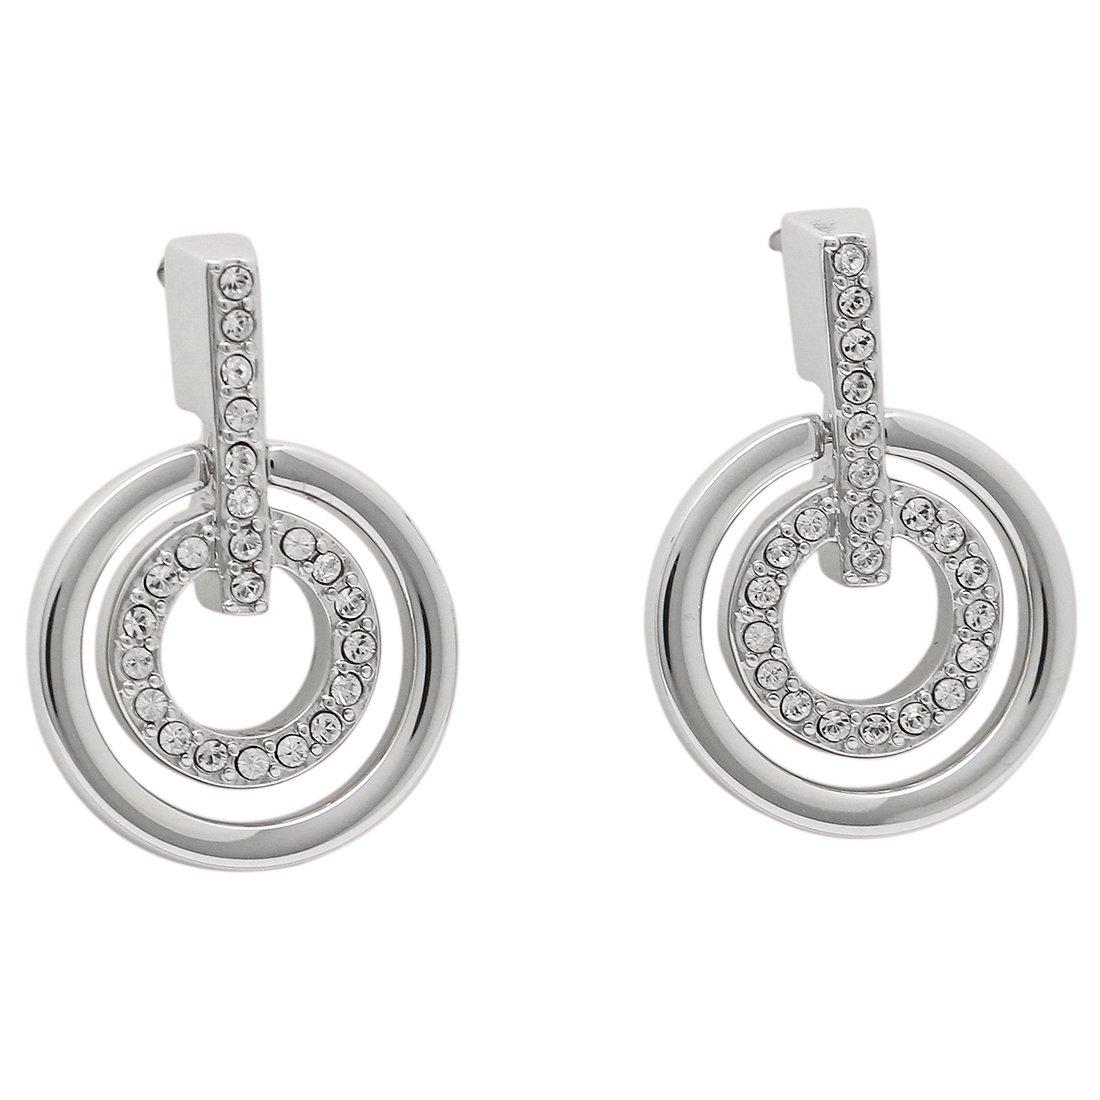 スワロフスキー ピアス アクセサリー レディース SWAROVSKI 5007750 Circle Crystal Pierced Earrings シルバー [並行輸入品] B00ZBZDS1M